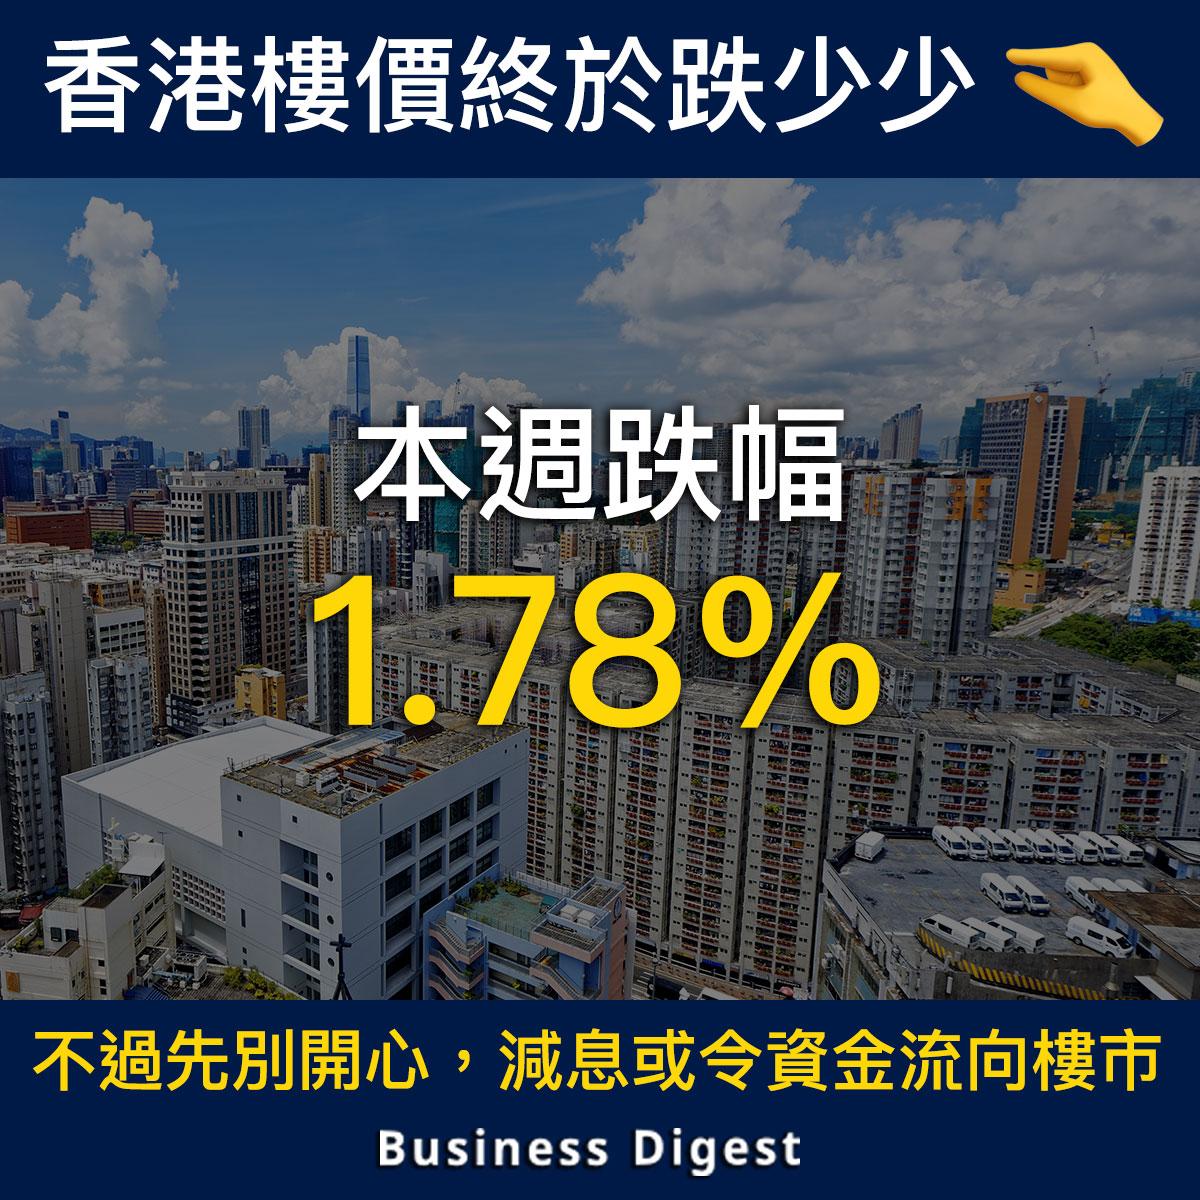 【商業熱話】中原城市領先指數按週跌1.78%,創4年以來最大跌幅